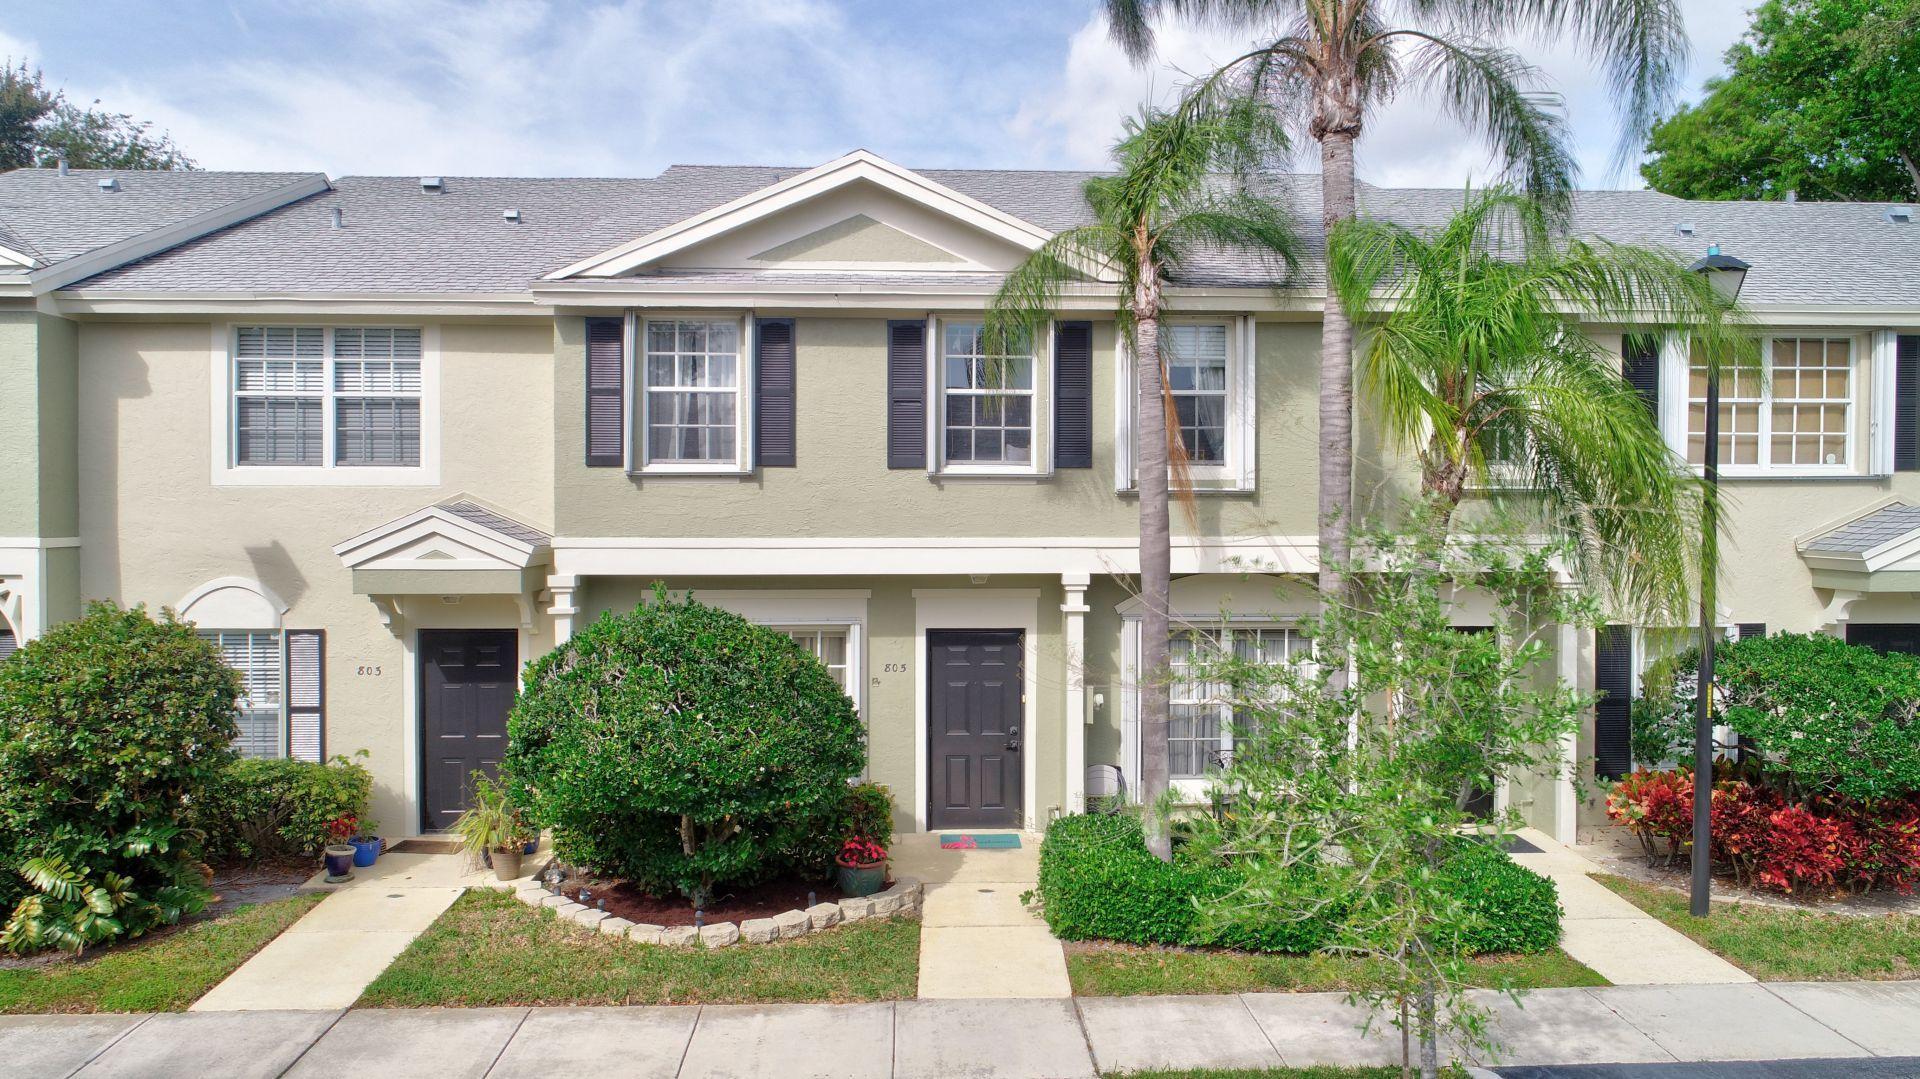 805 Kokomo Key Lane  Delray Beach, FL 33483